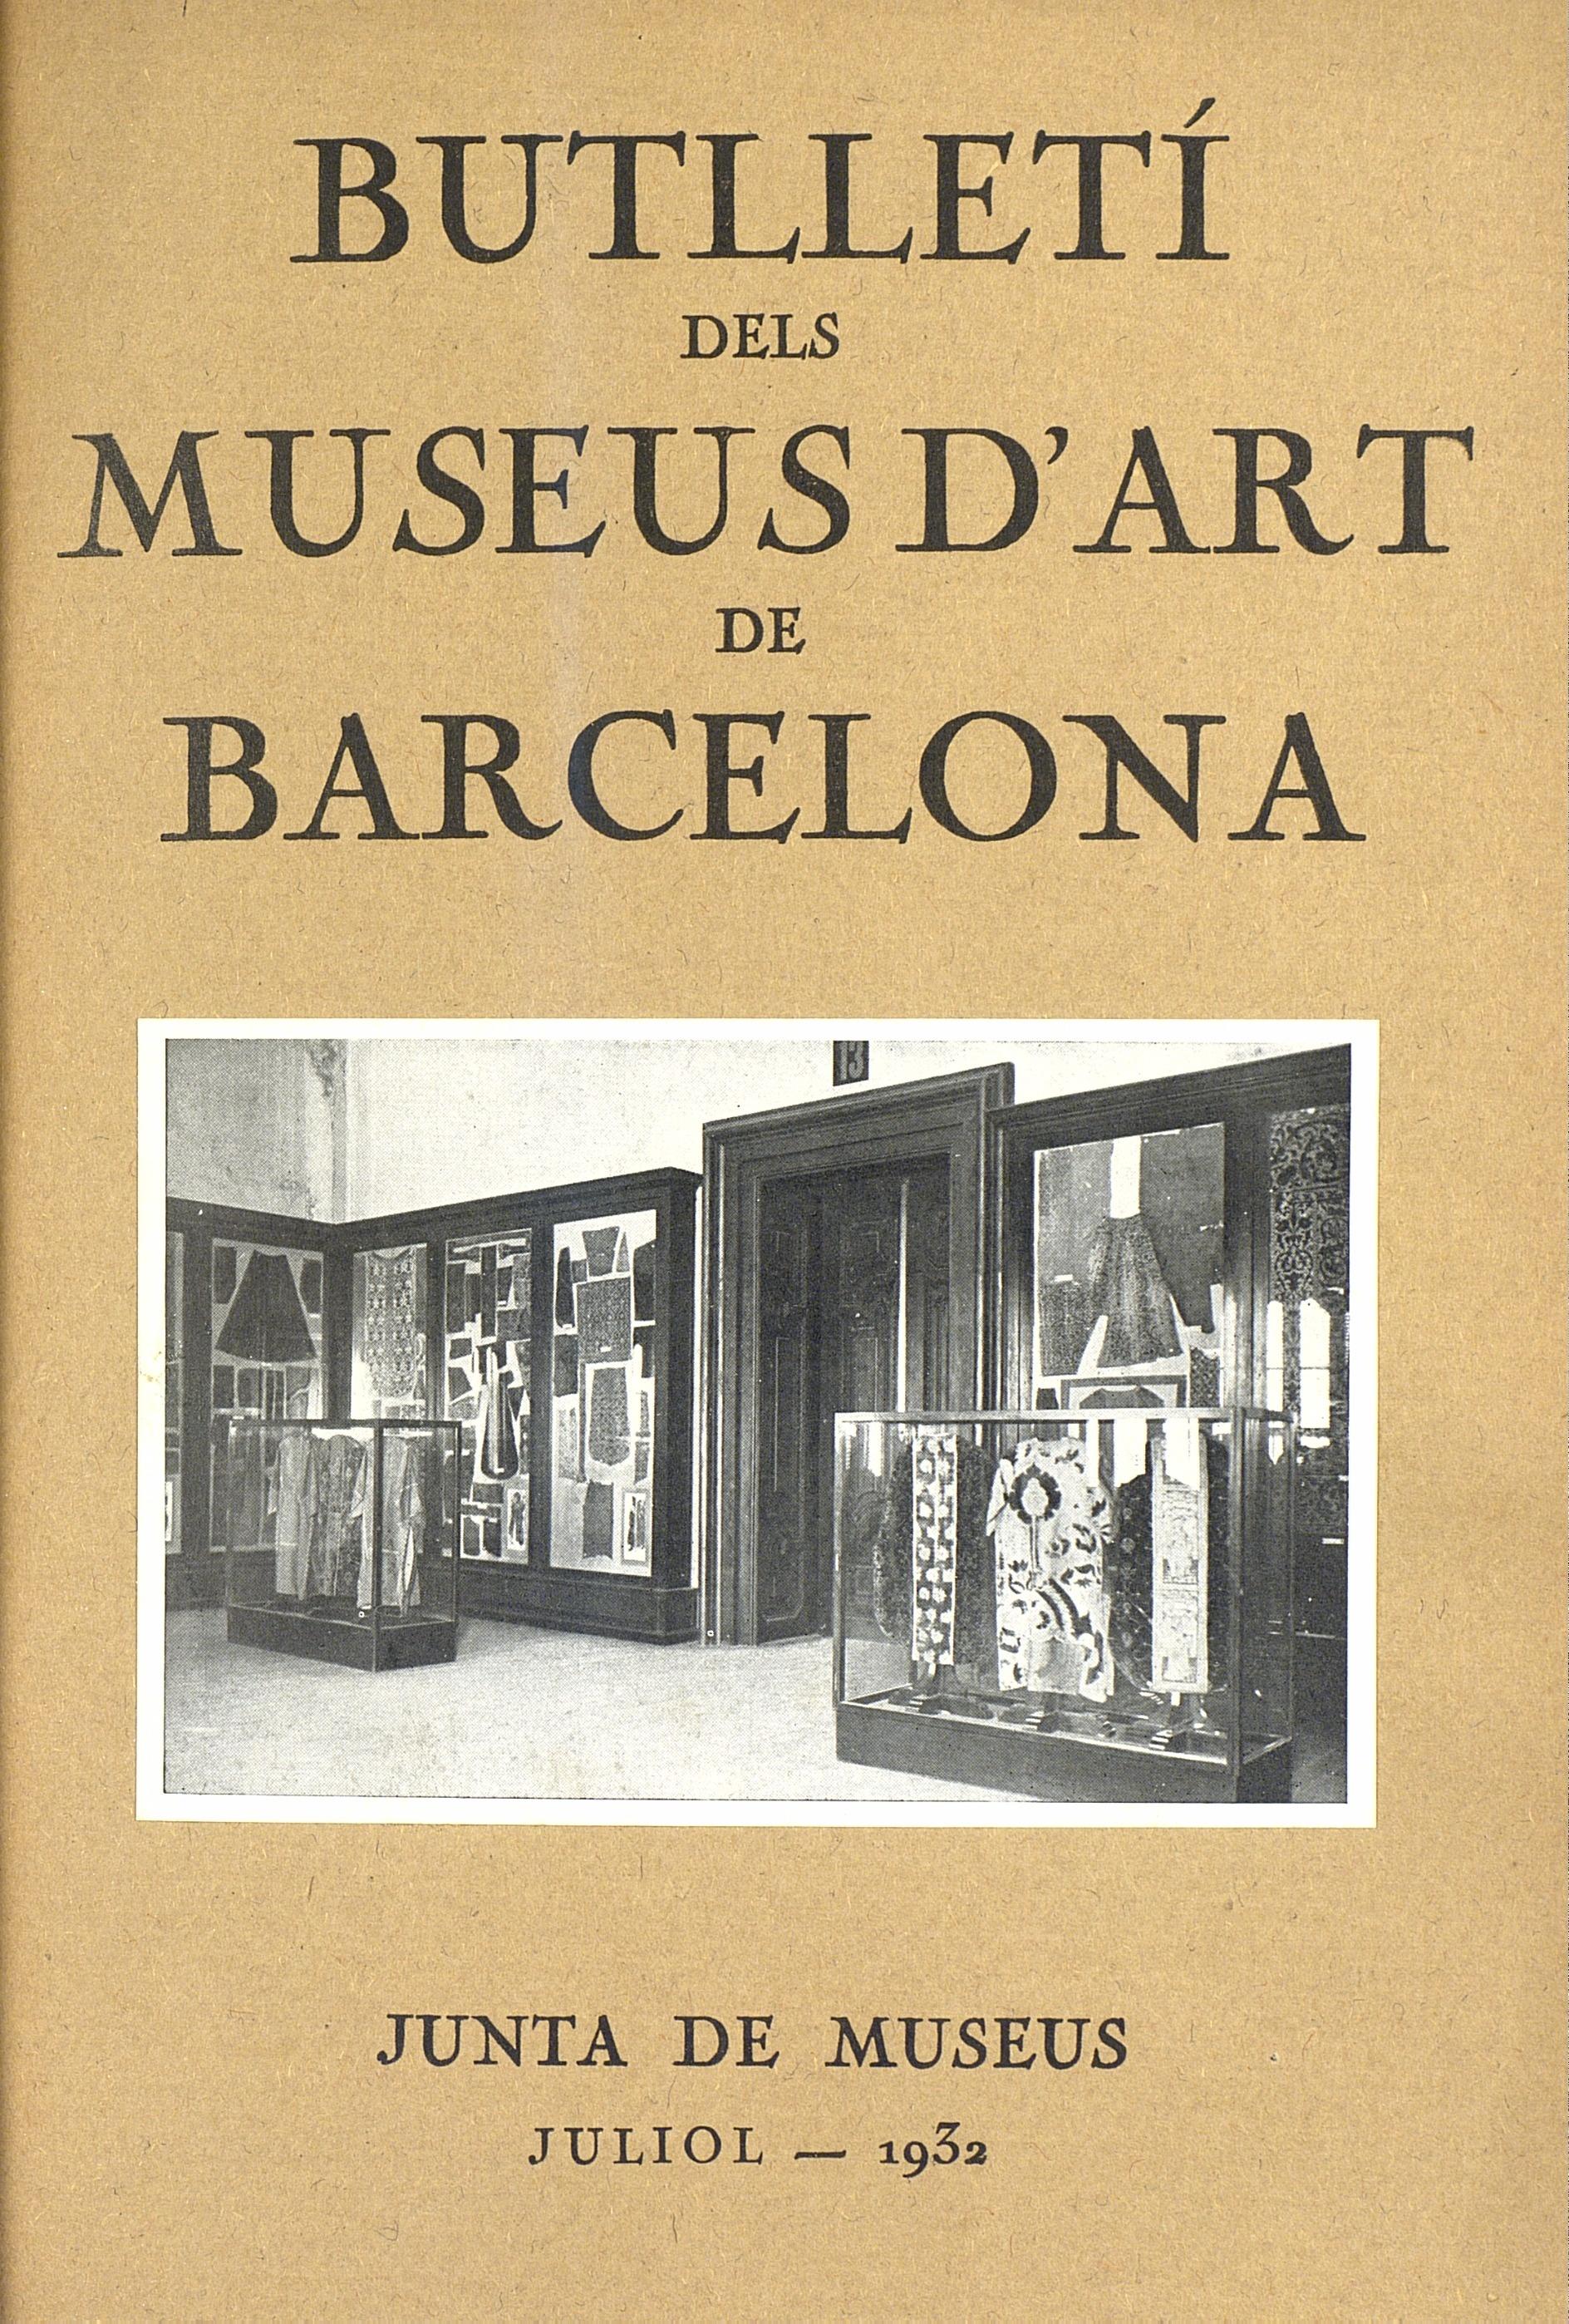 Vol. 2, núm. 14 (juliol 1932)